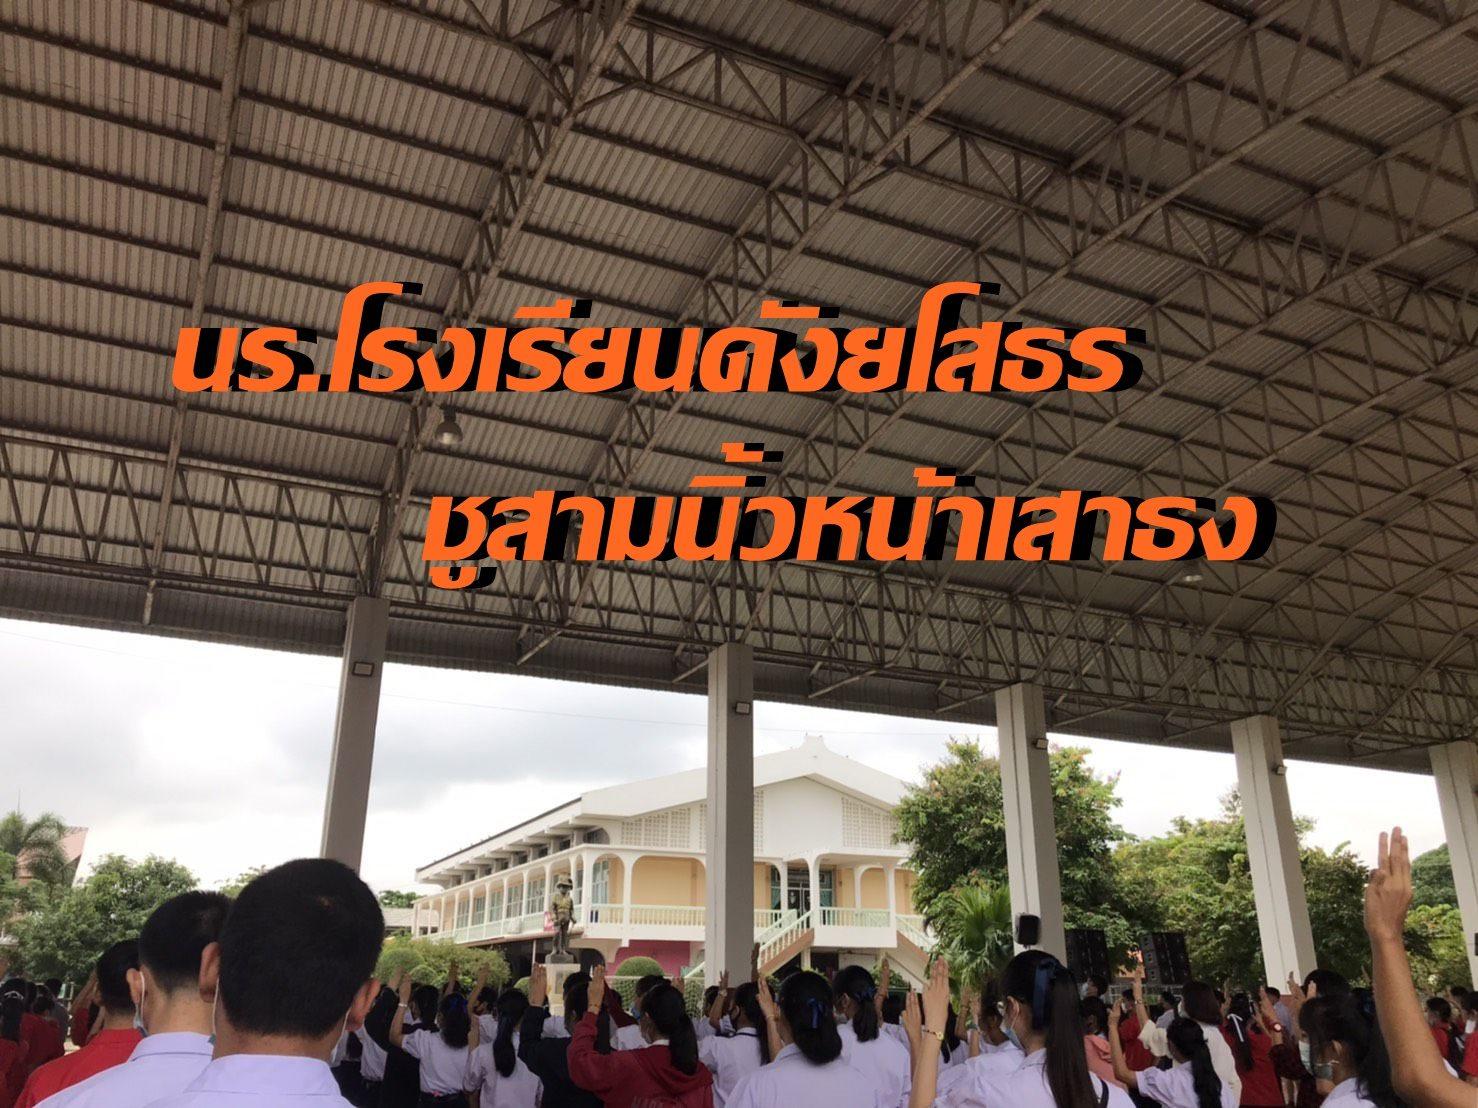 นร.โรงเรียนดังเมืองยโสธร ชูสามนิ้วหน้าเสาธง ด้านคณะครูคุมเข้มห้ามบุคคลภายนอกเข้า